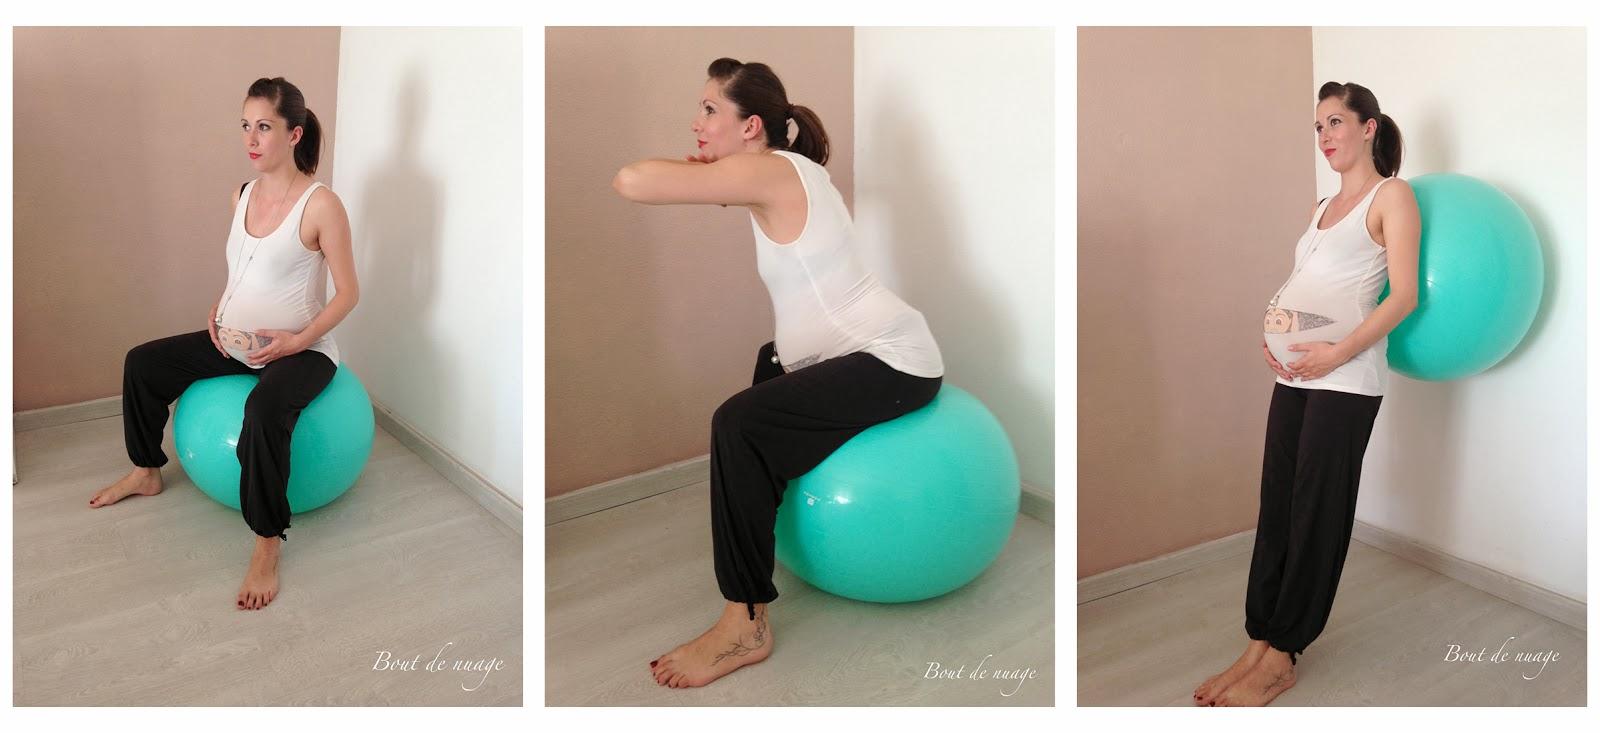 Un ballon de la forme d'une cacahuète à utiliser pendant l'accouchement